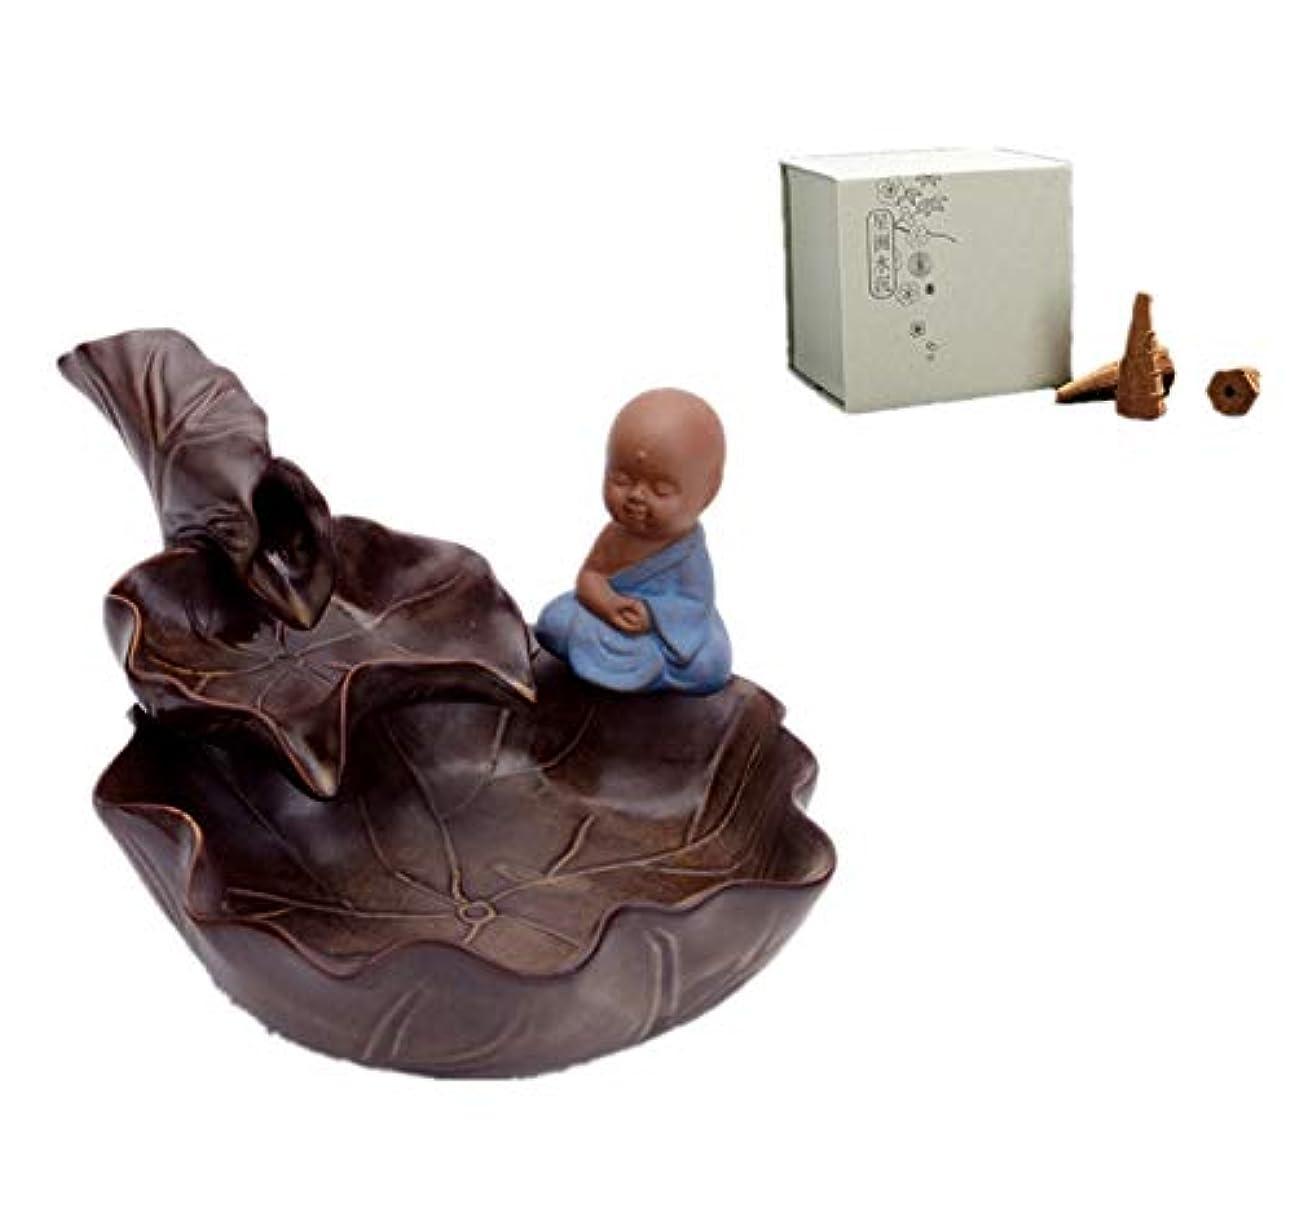 直立冷える極地XPPXPP Reflux Incense Burner With 40 Reflux Cones, Household Ceramic Reflux Cone-Shaped Candlestick Burner